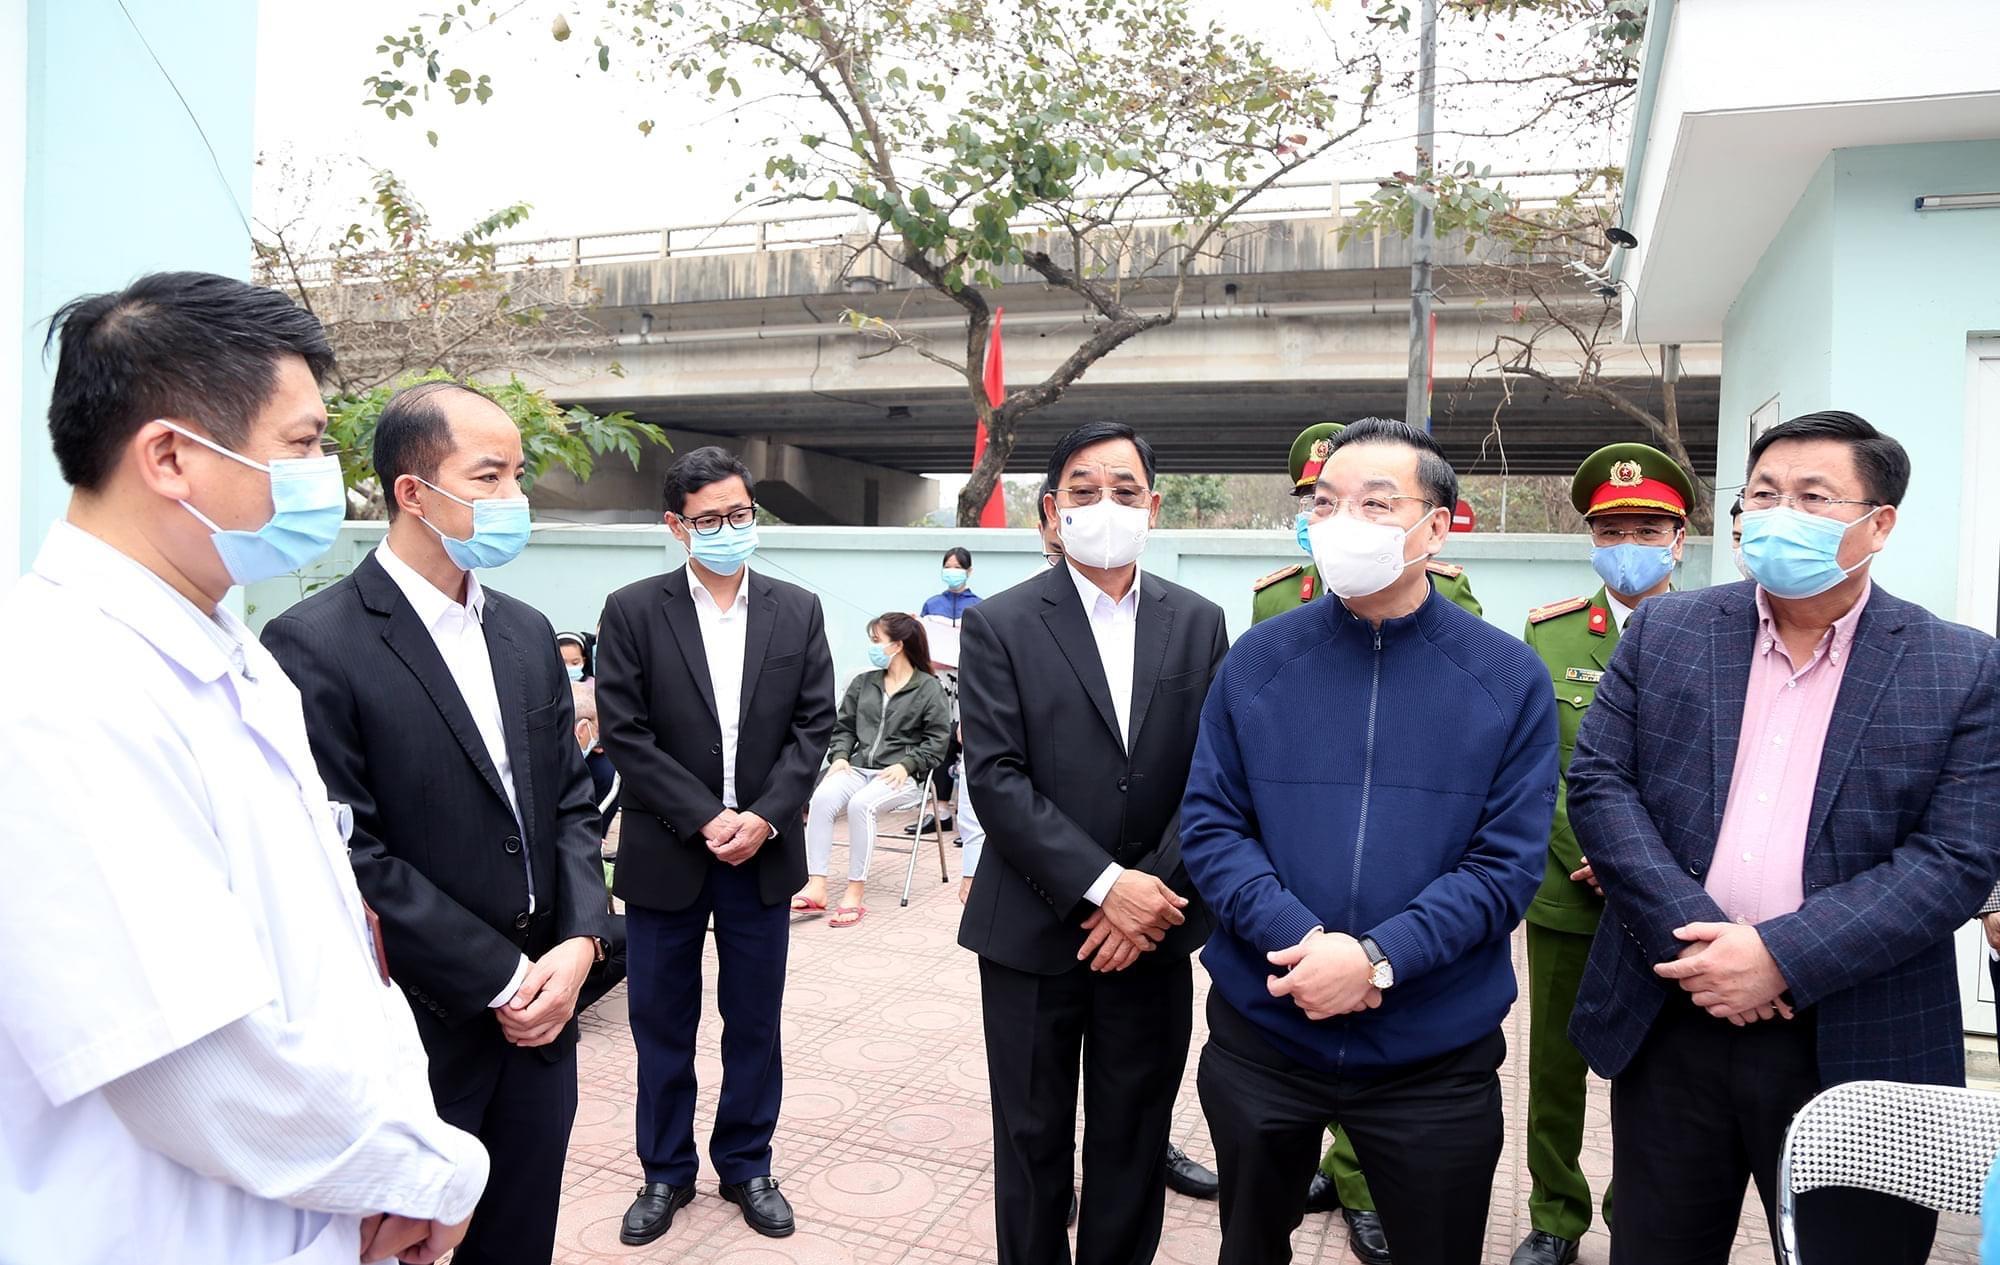 Chủ tịch Ủy ban nhân dân thành phố Hà Nội kiểm tra đột xuất công tác phòng, chống dịch Covid-19